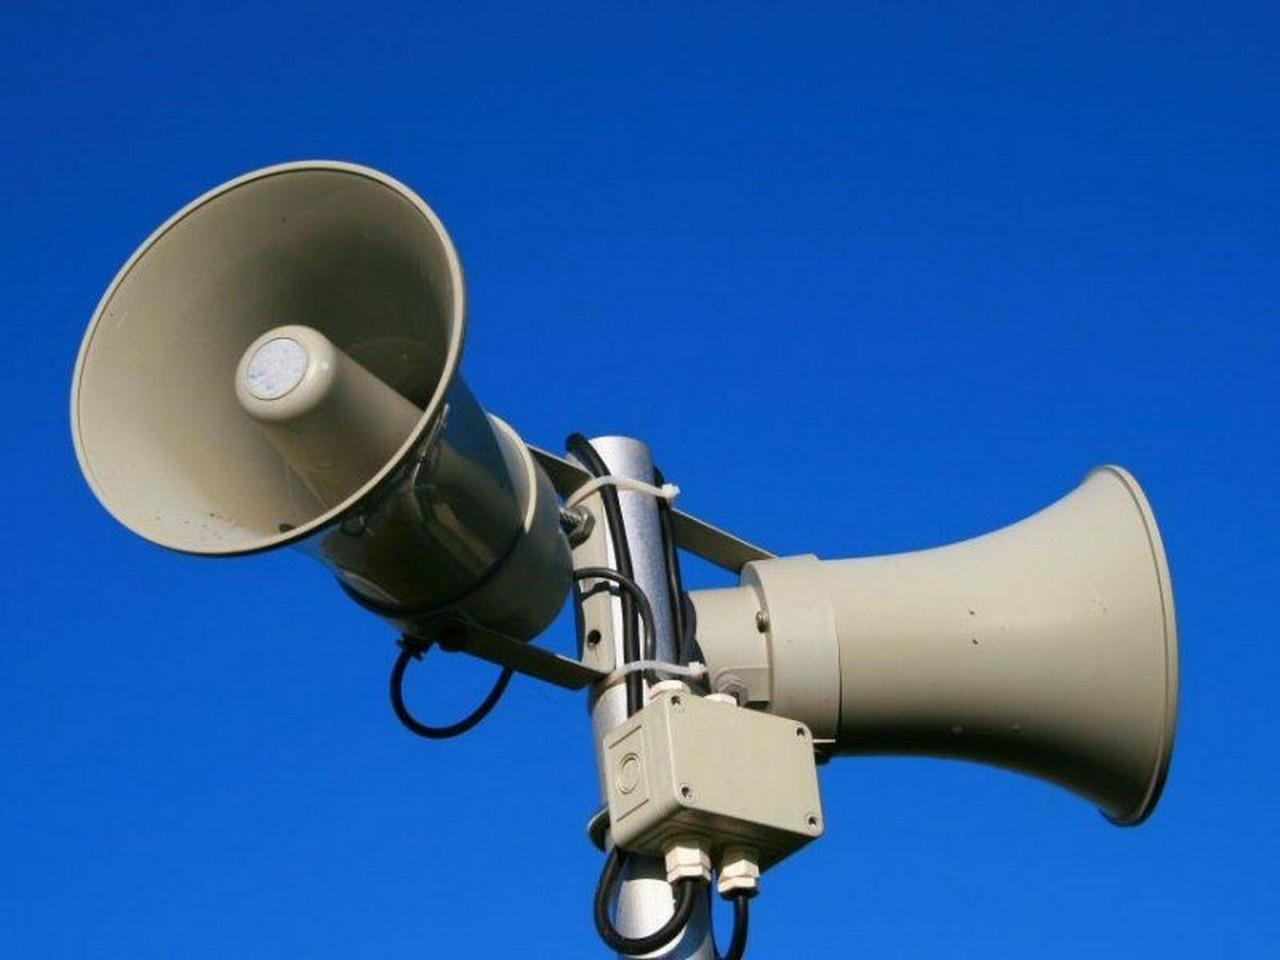 15-16 листопада по всій території Закарпаття перевірятимуть системи централізованого оповіщення населення